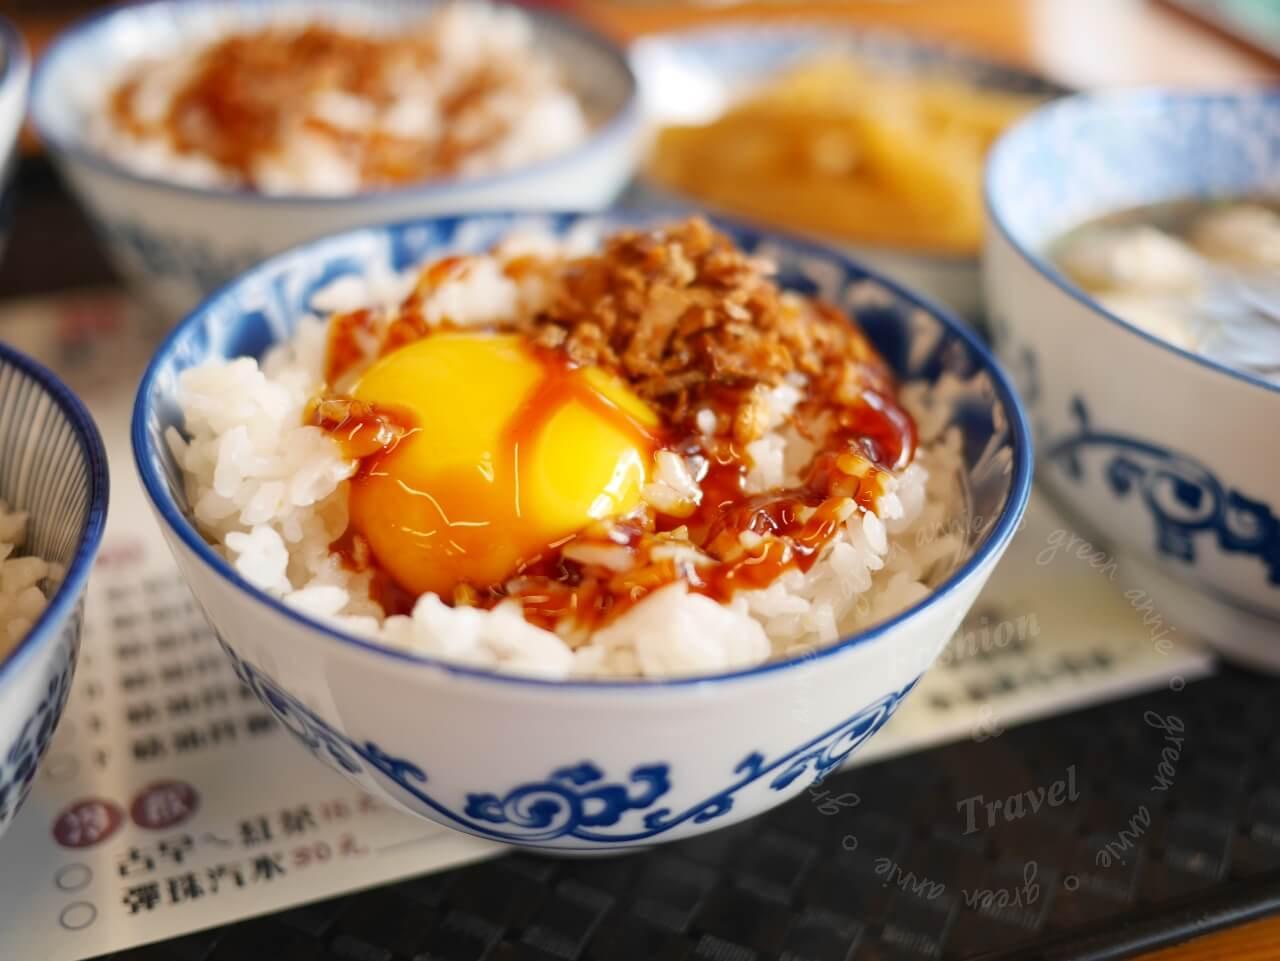 鼎富發豬油拌飯,台南傳統古早味-IG打卡熱點必吃美食